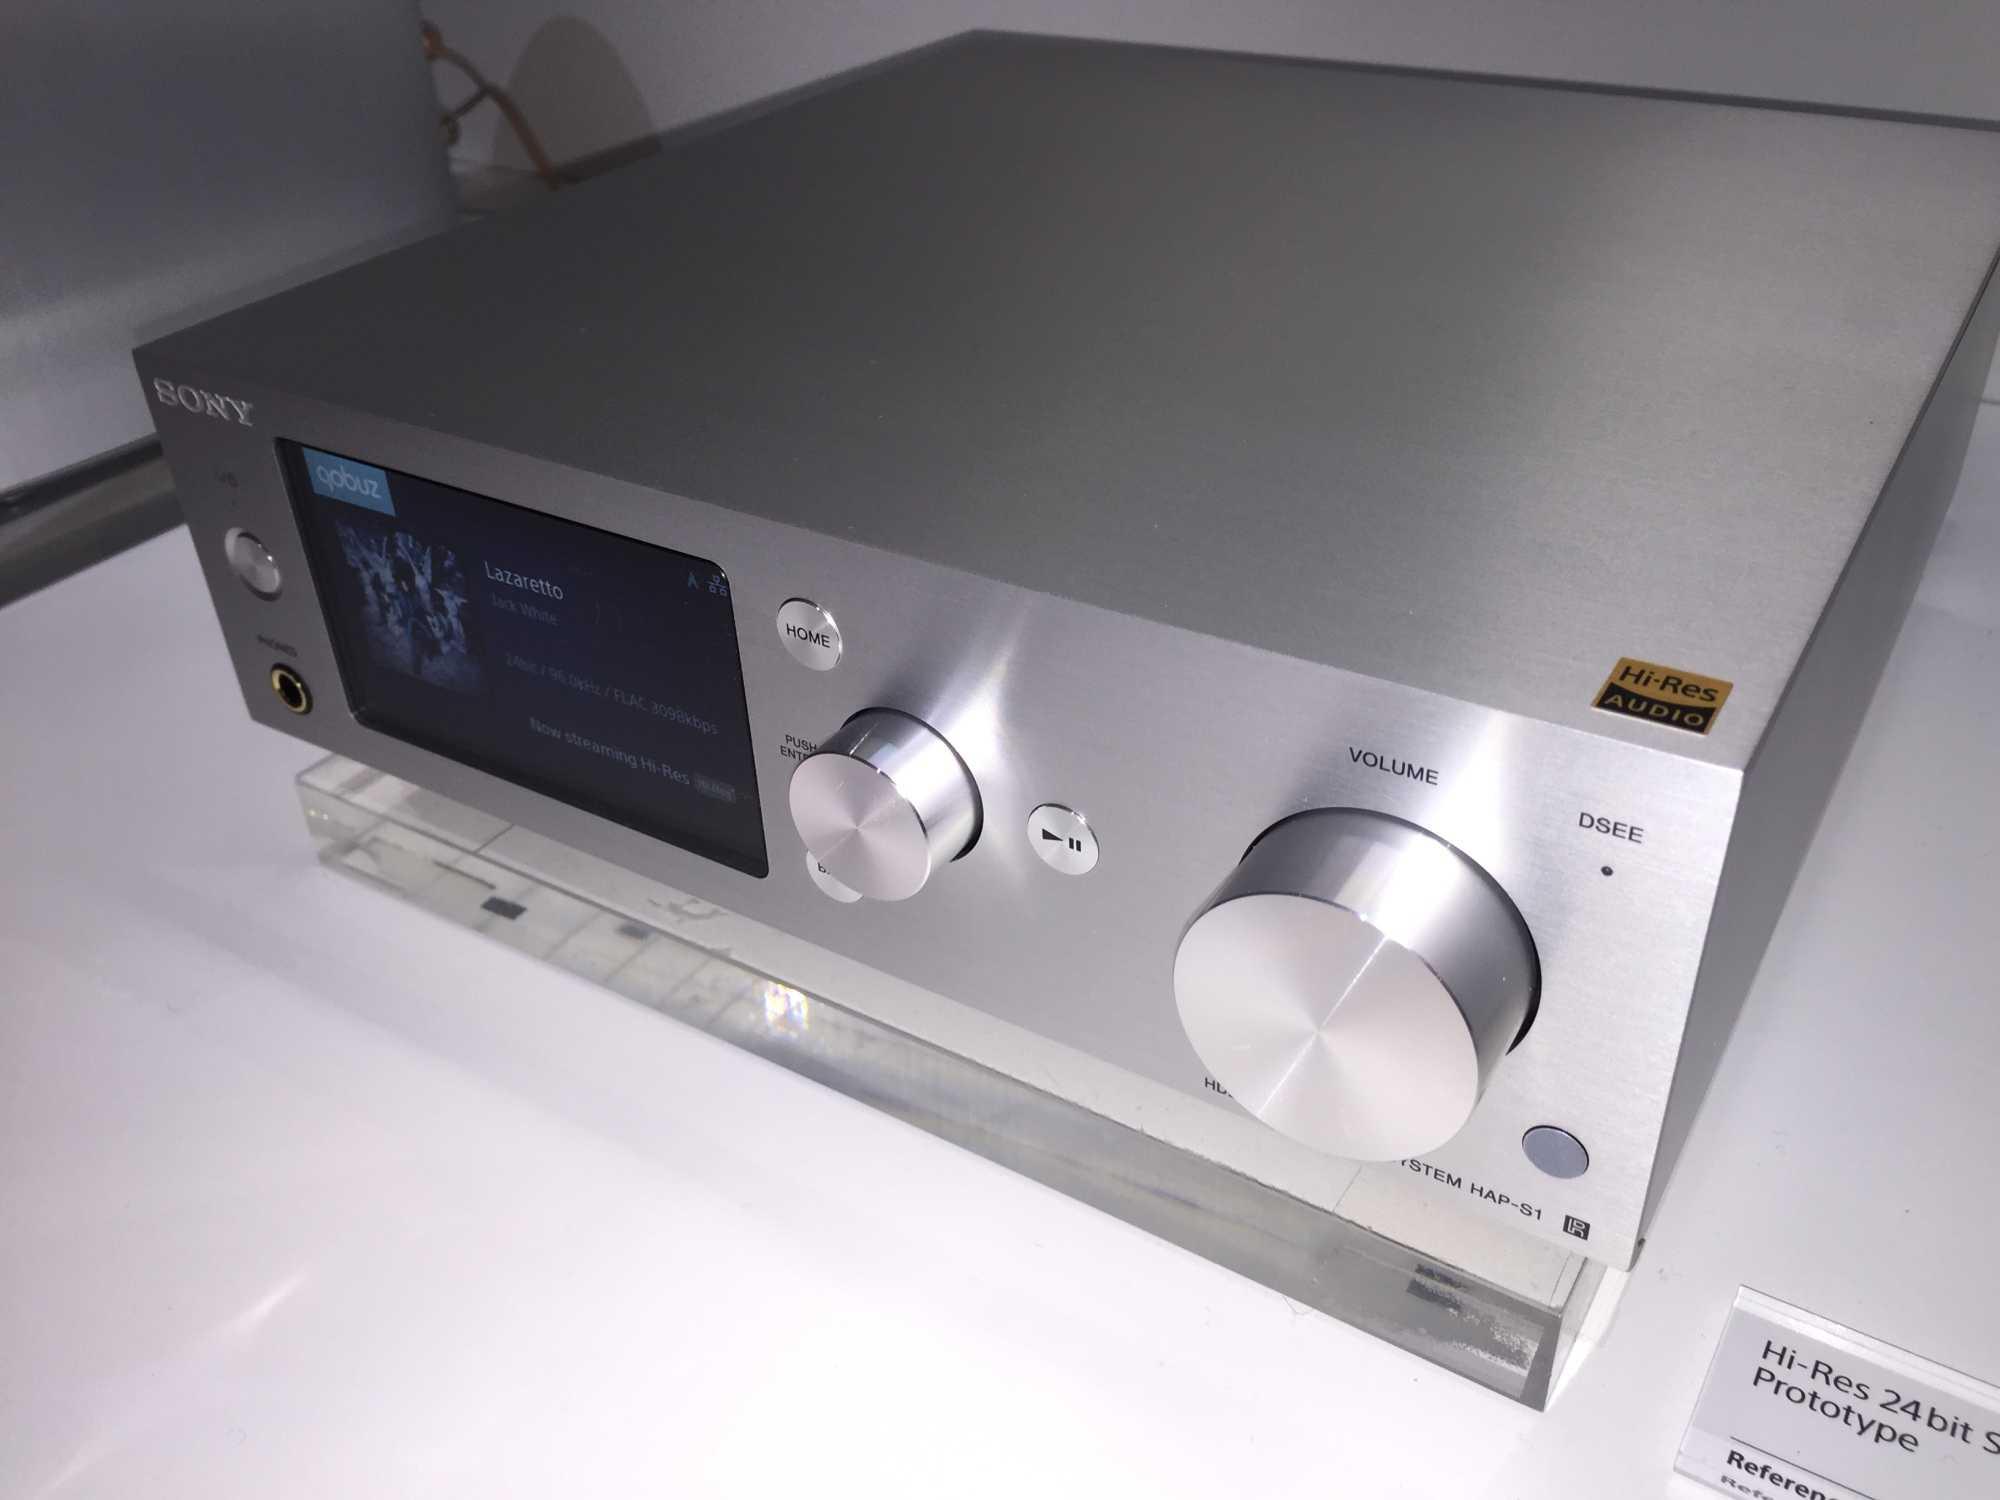 Der Streaming-Client HAP-S1 ist ein Prototyp. Er spielt HiRes-Musik des französischen Anbieters Qobuz.